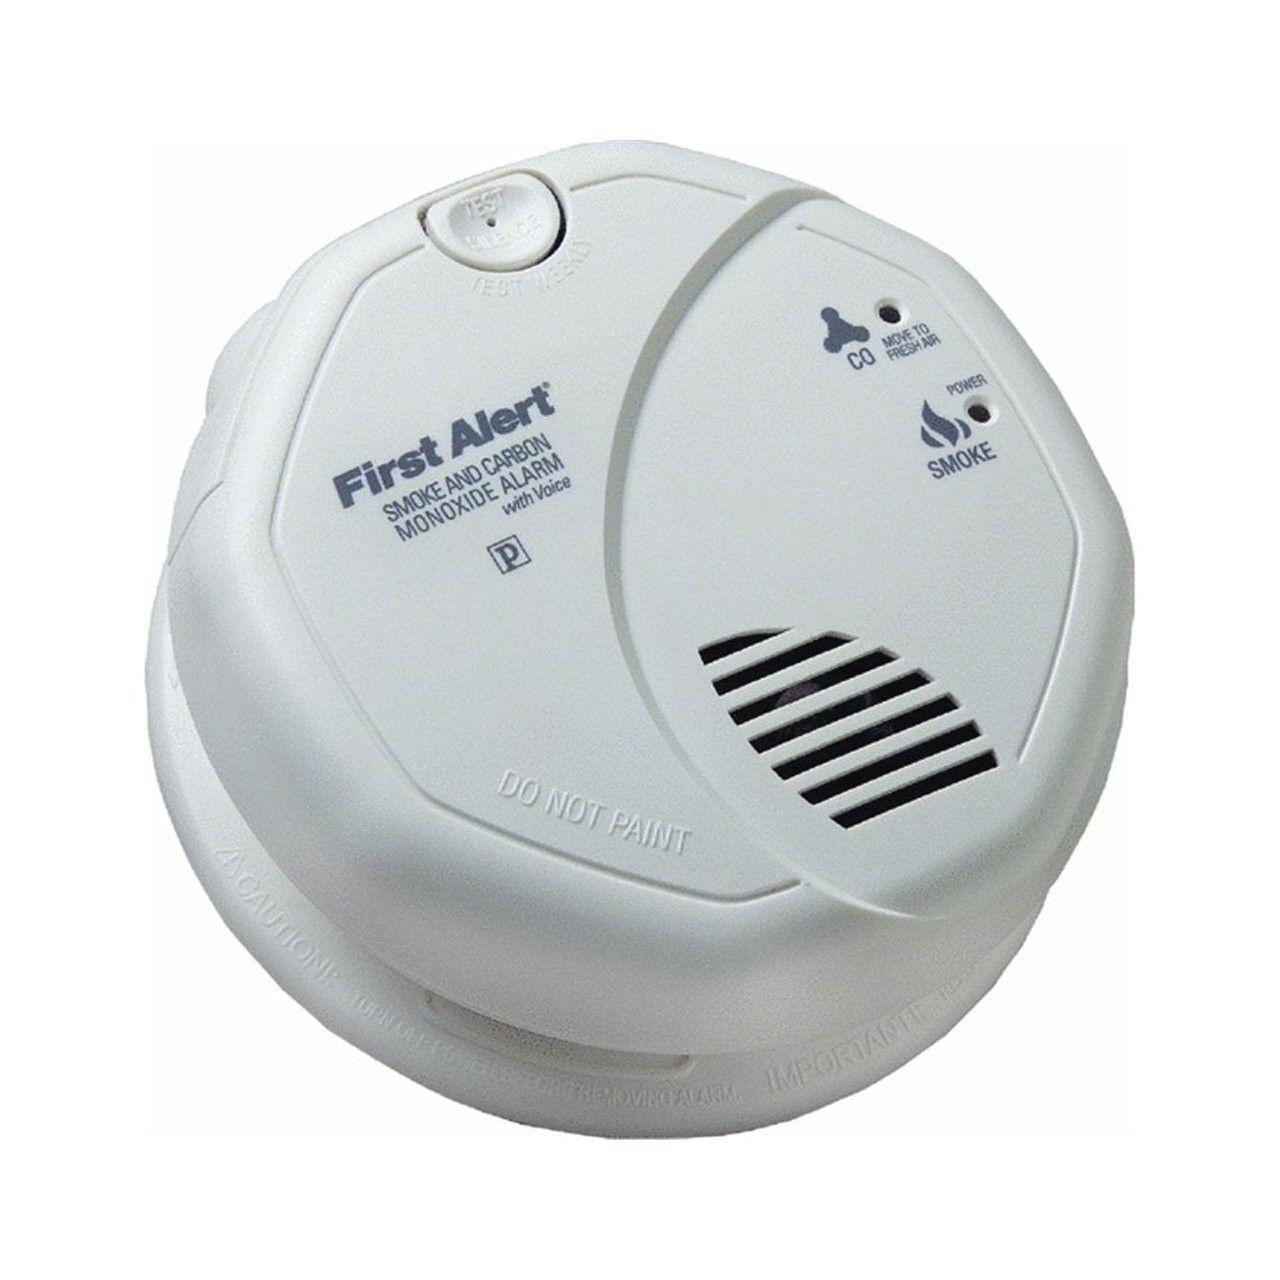 BRK First Alert SC7010BV Carbon Monoxide & Smoke Alarm